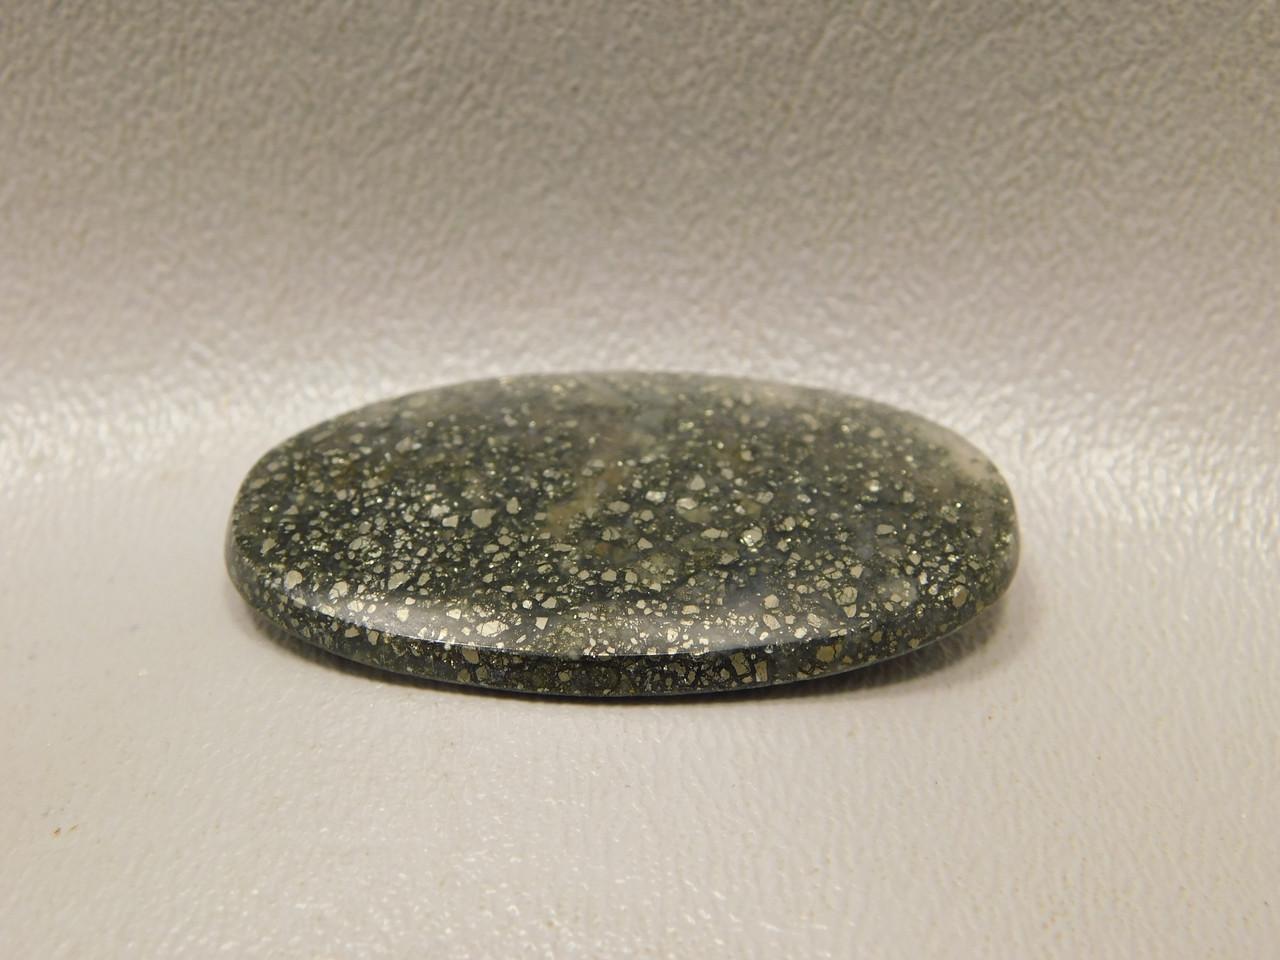 Agate with Gold Pyrite Inclusions Semi Precious Stone Cabochon #21